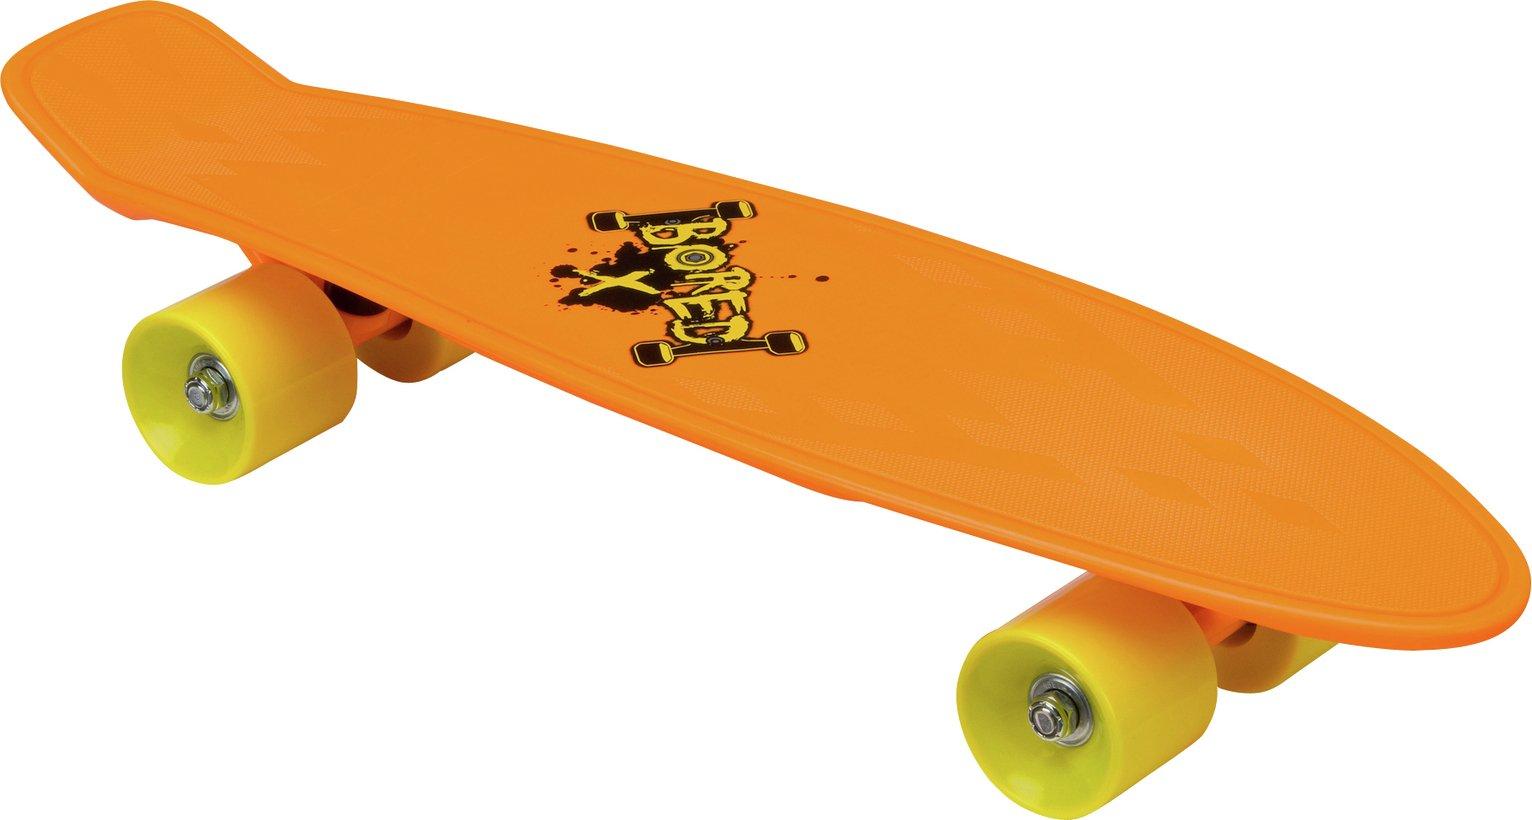 Bored Neon X Cruiser Skateboard